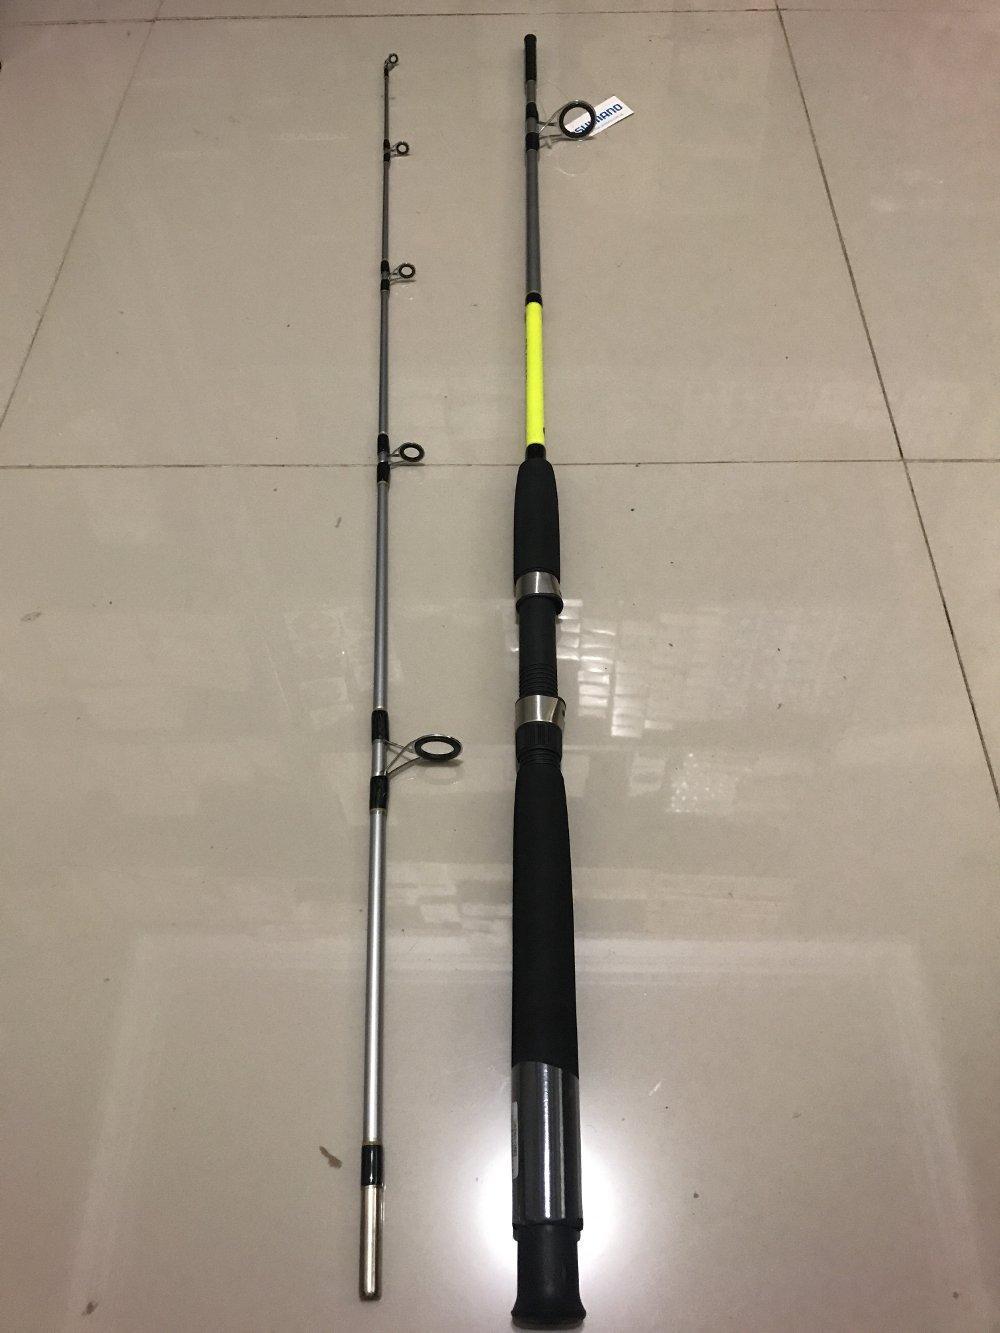 Joran Tangguh Shimano cruzar 662-198 cm  Terlariss